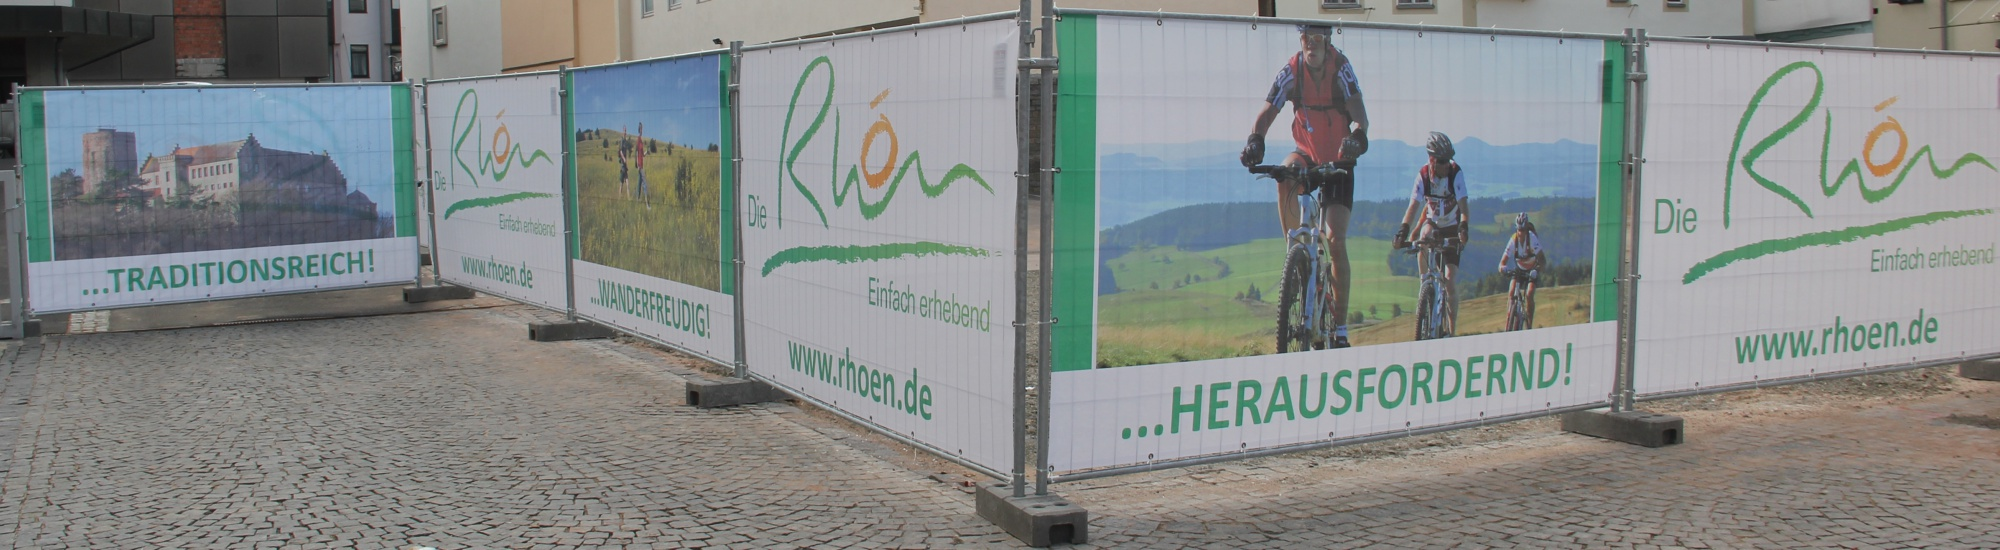 Bauzaunblende als winddurchlässige PVC-Gitternetzplane Mesh Premium ca. 330 g/m²